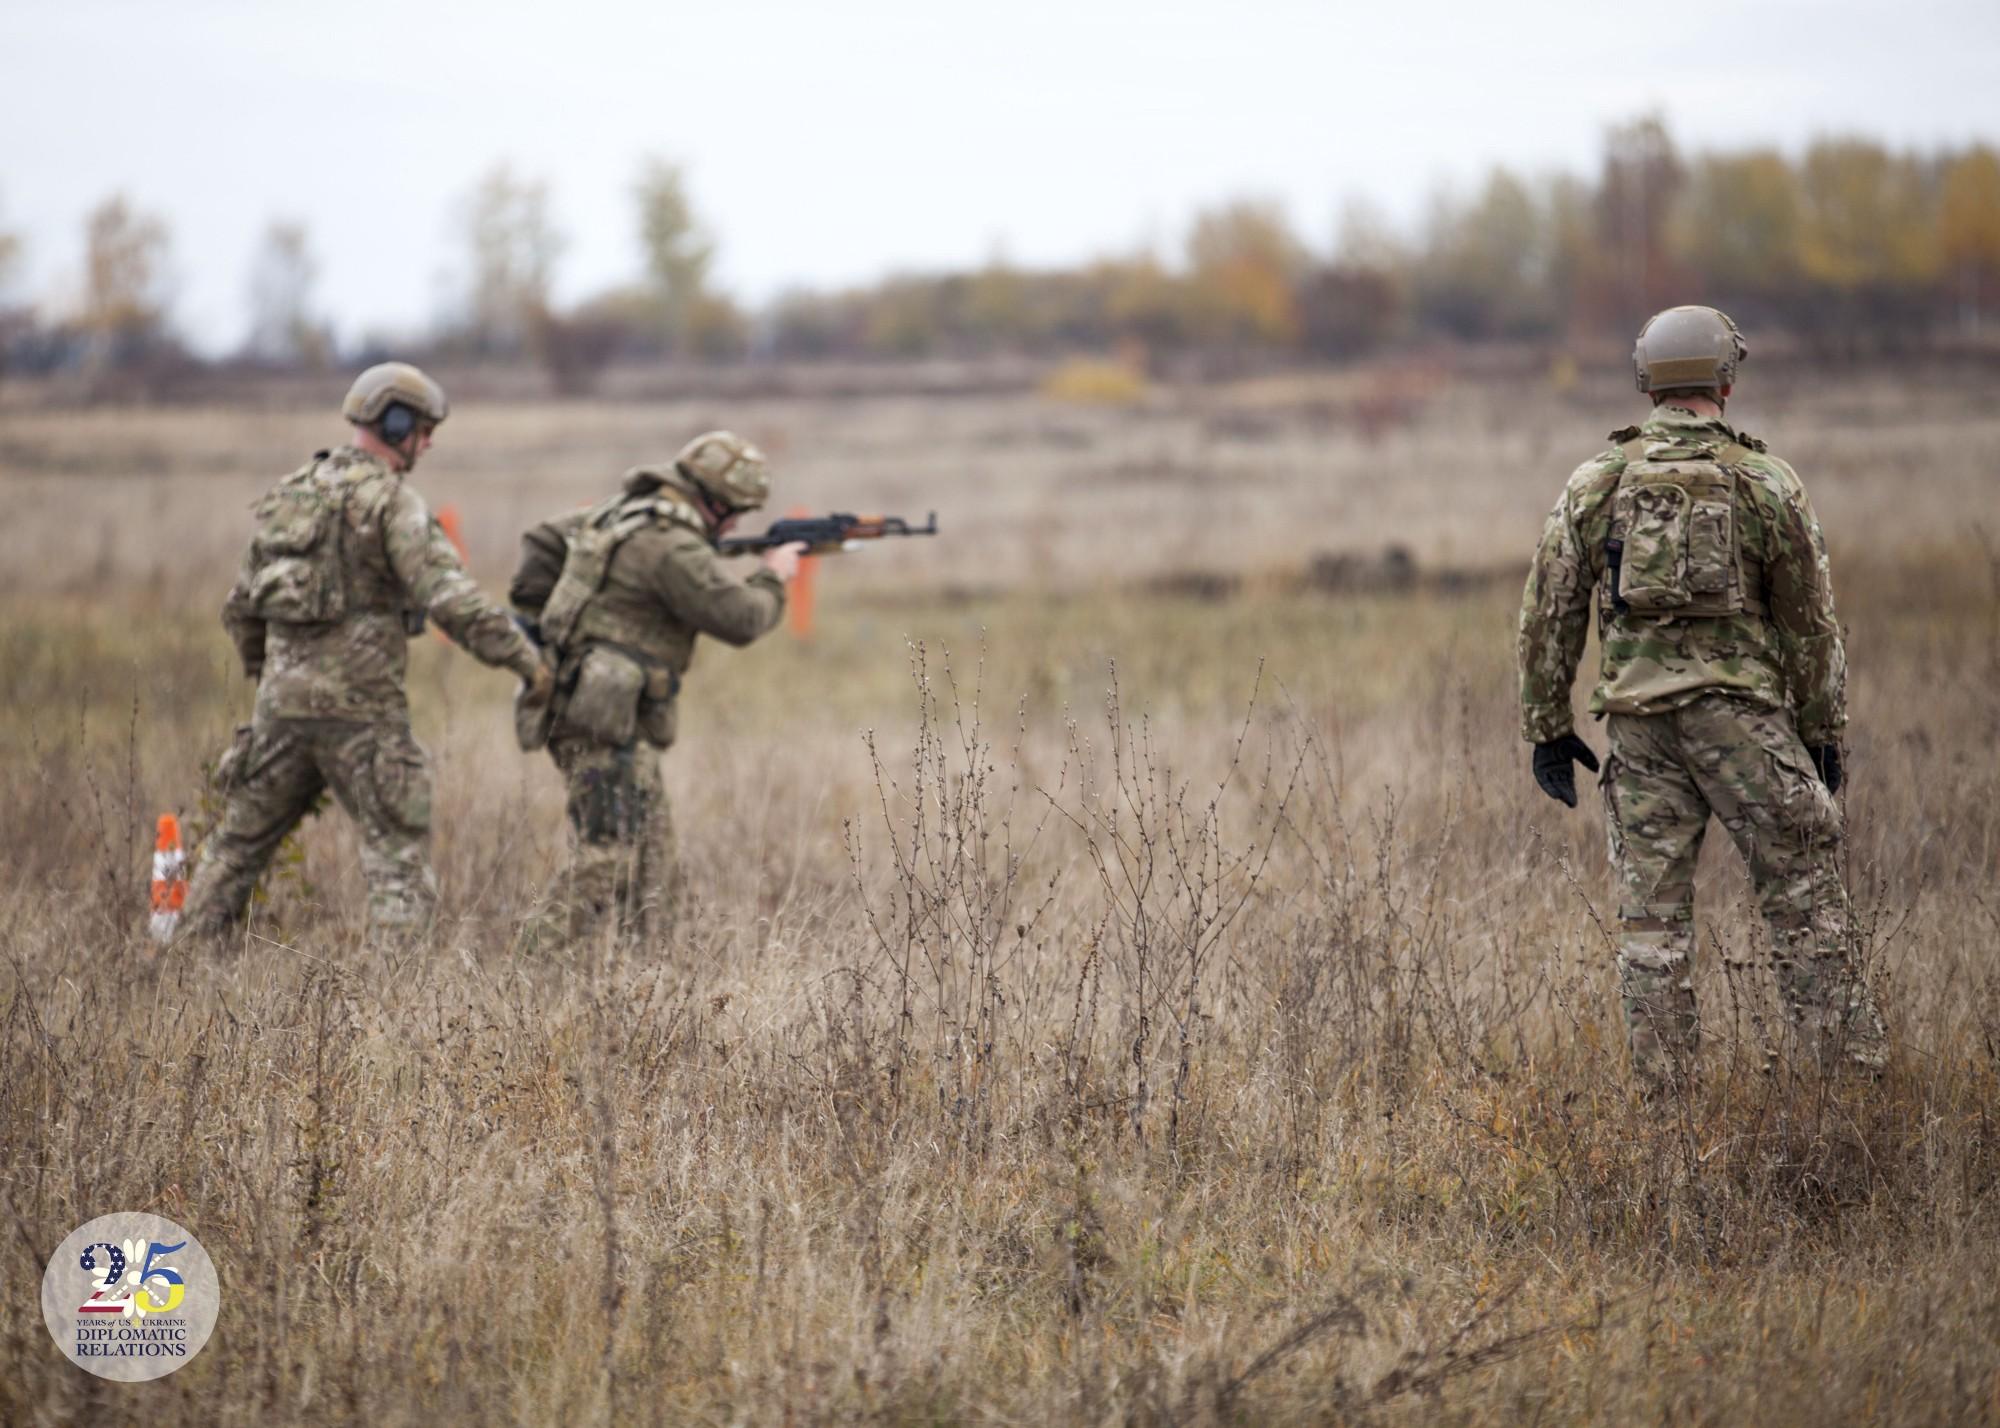 Тренировка украинских военных сил специальных операций в рамках военной помощи США Украина, 2016 год.